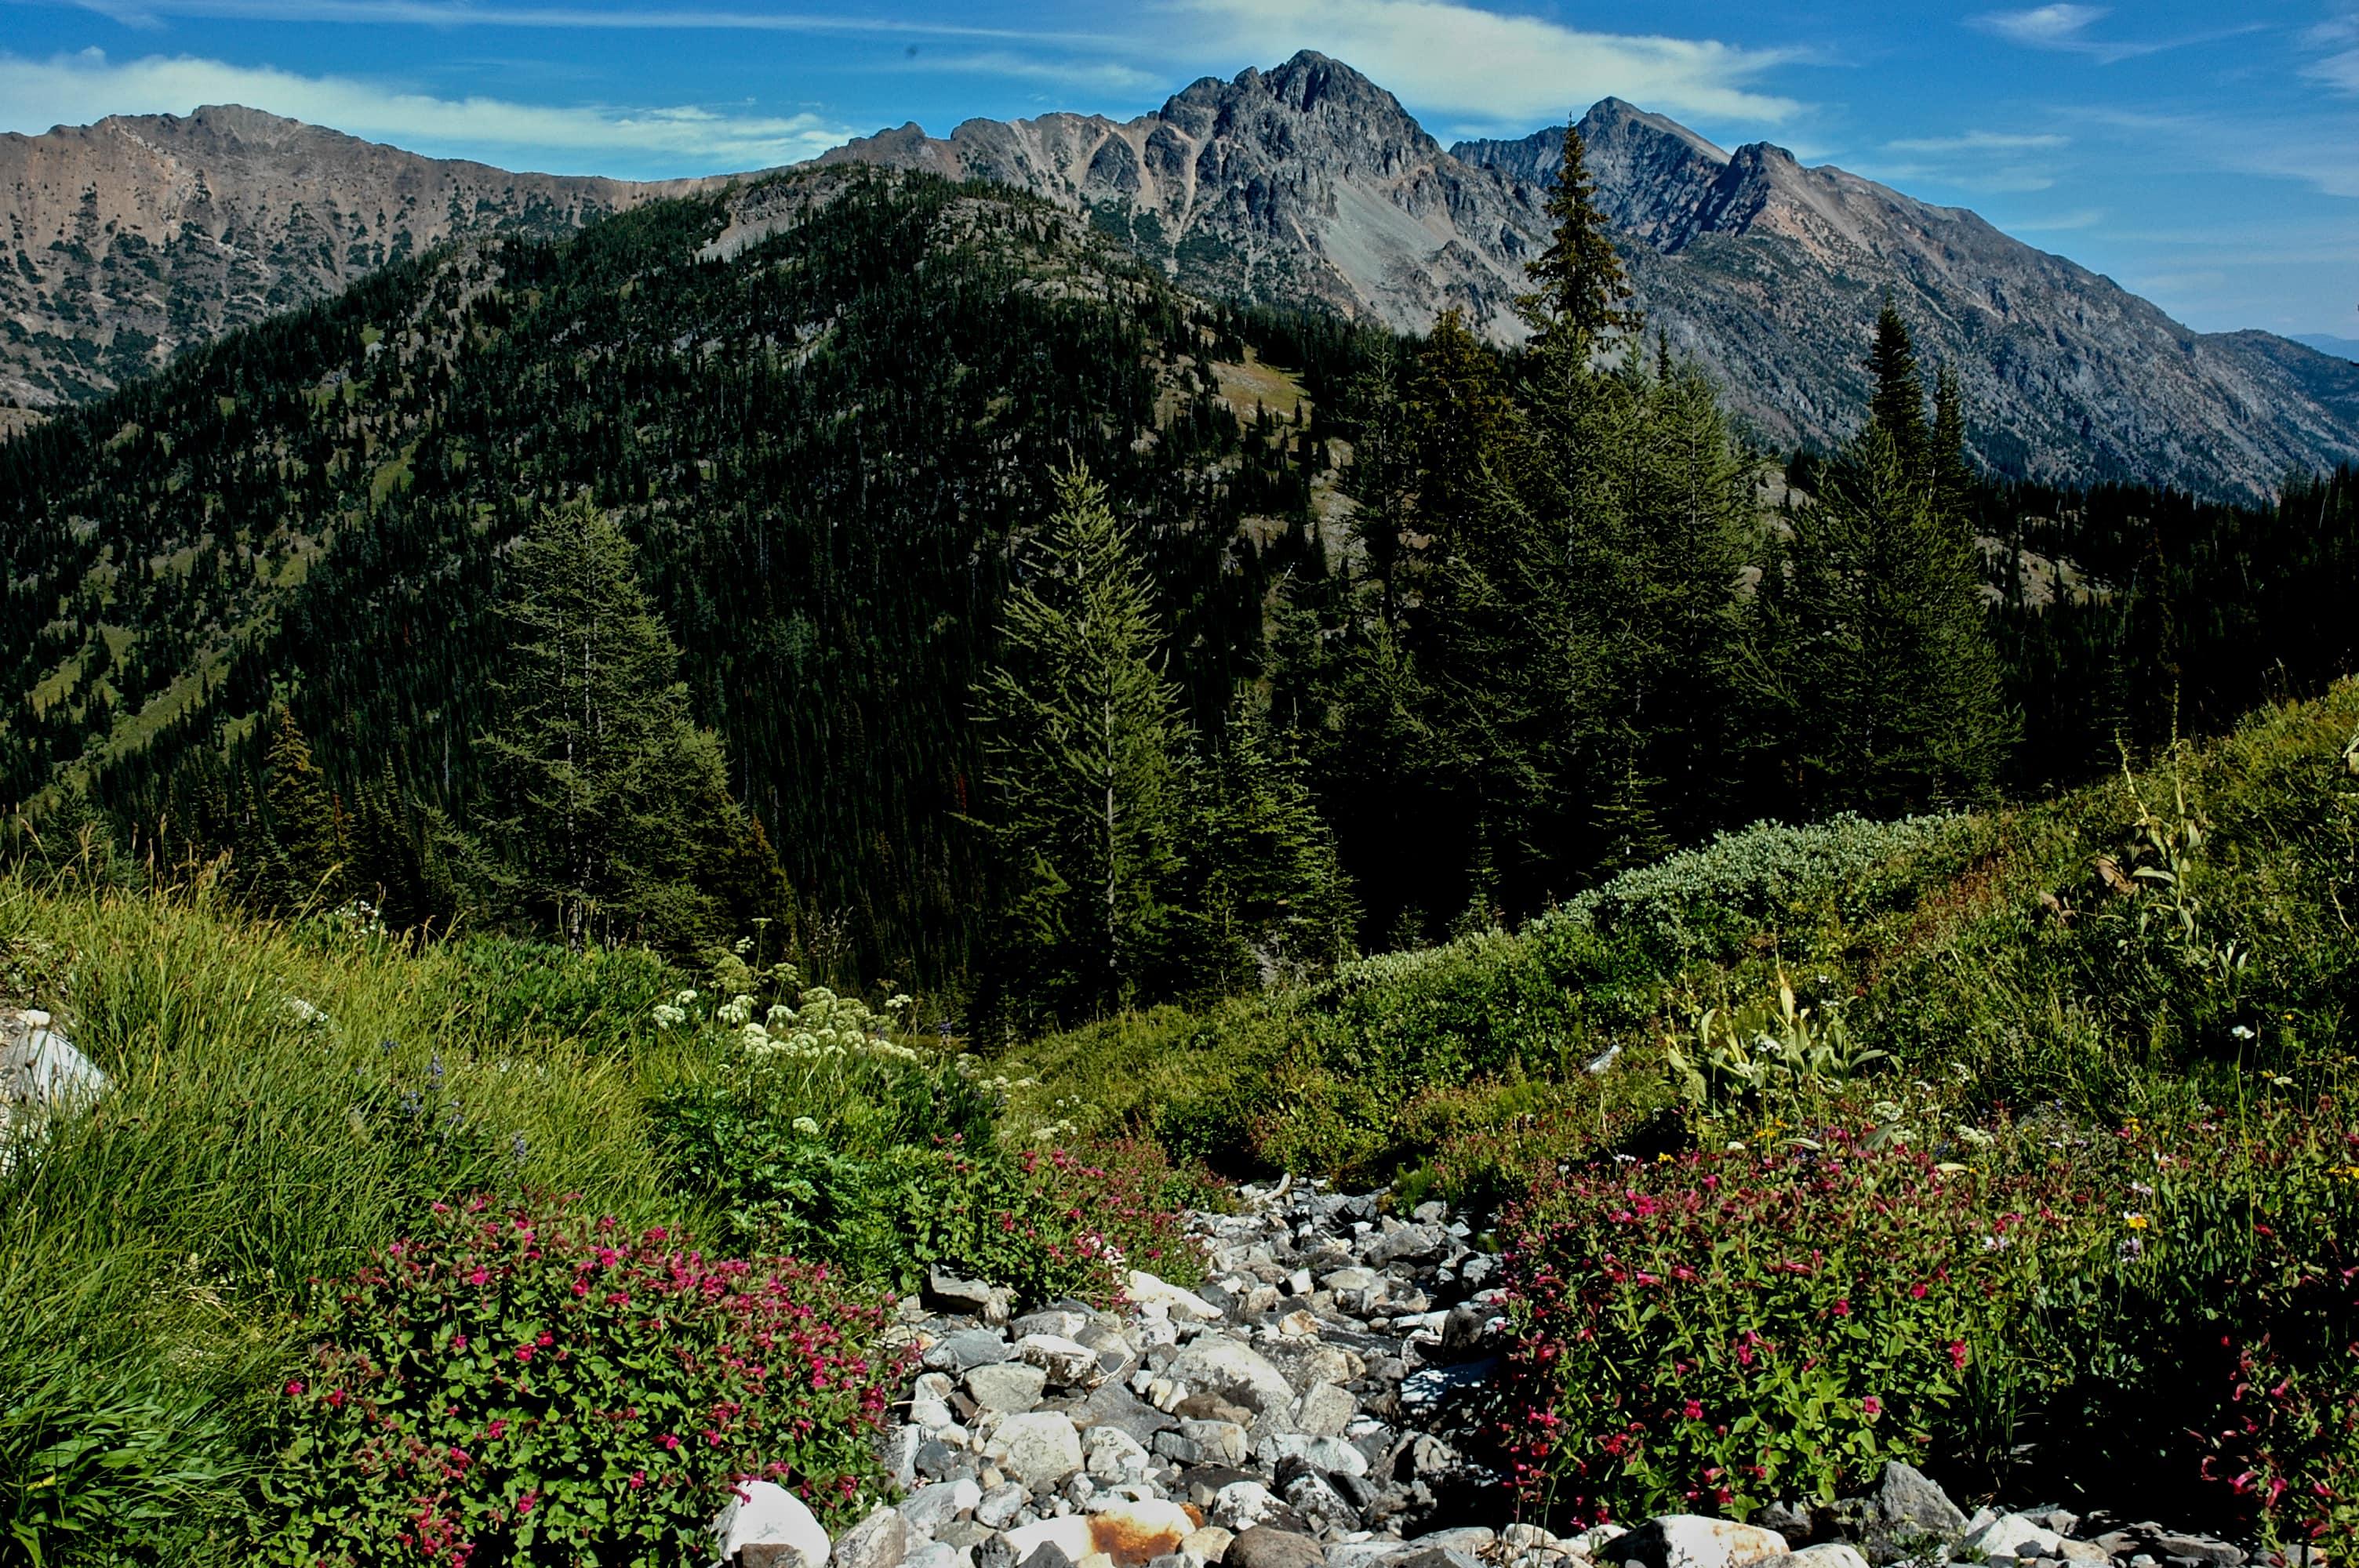 Pasayten Wilderness Area